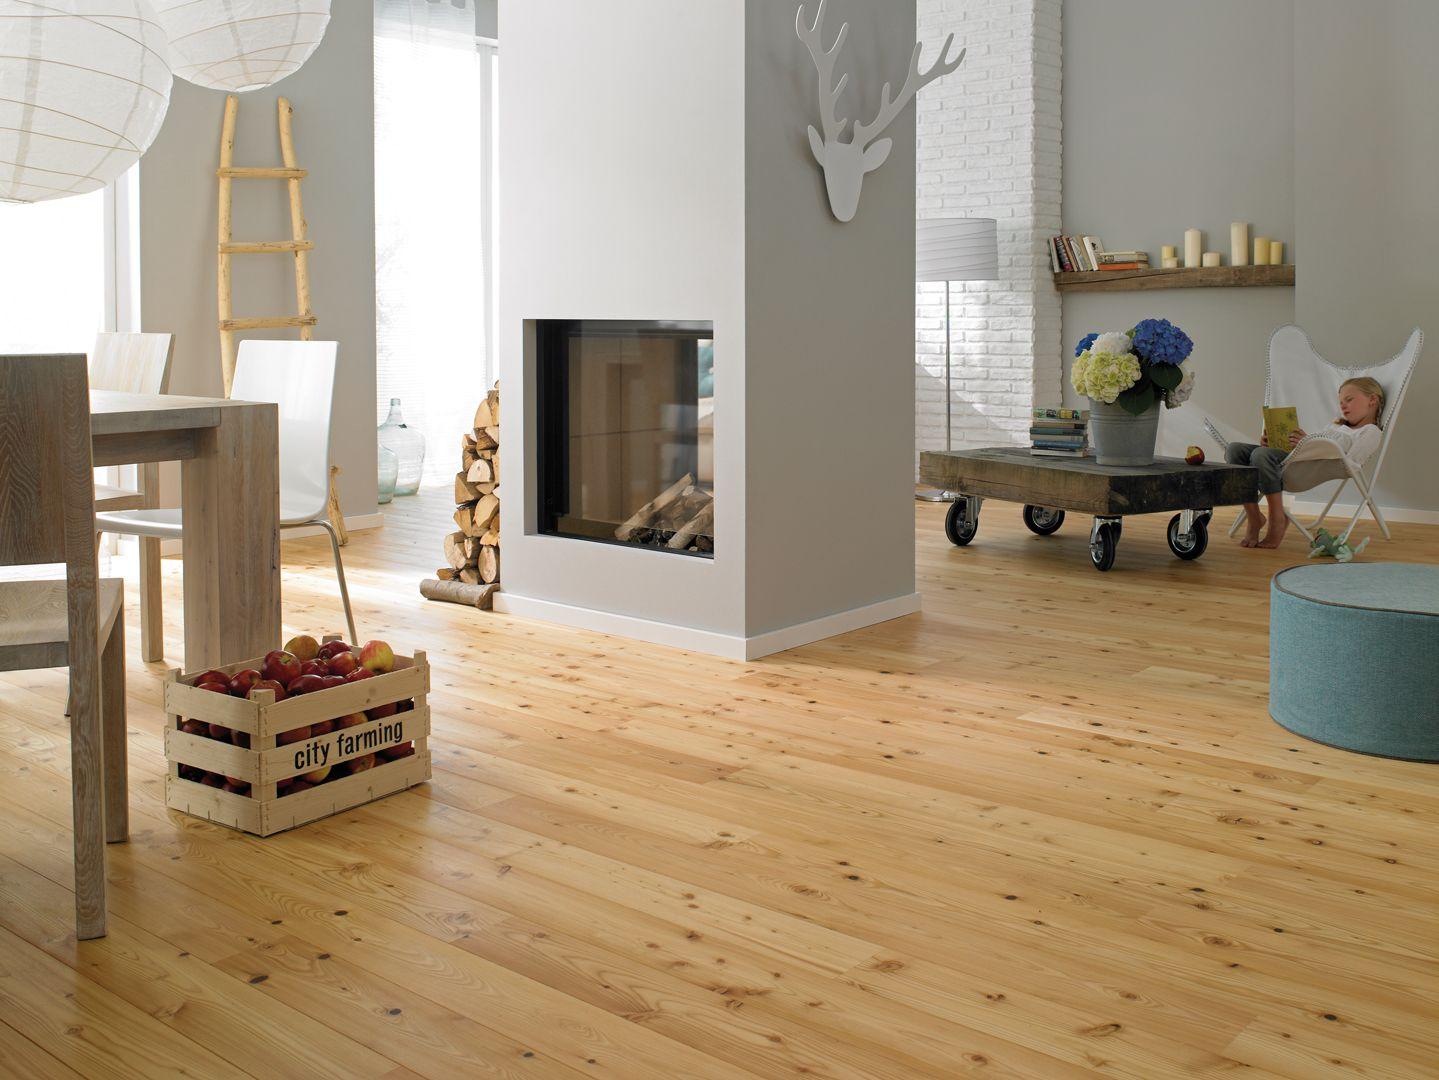 de rustieke eiken parket vloer geeft deze woonkamer een warme en